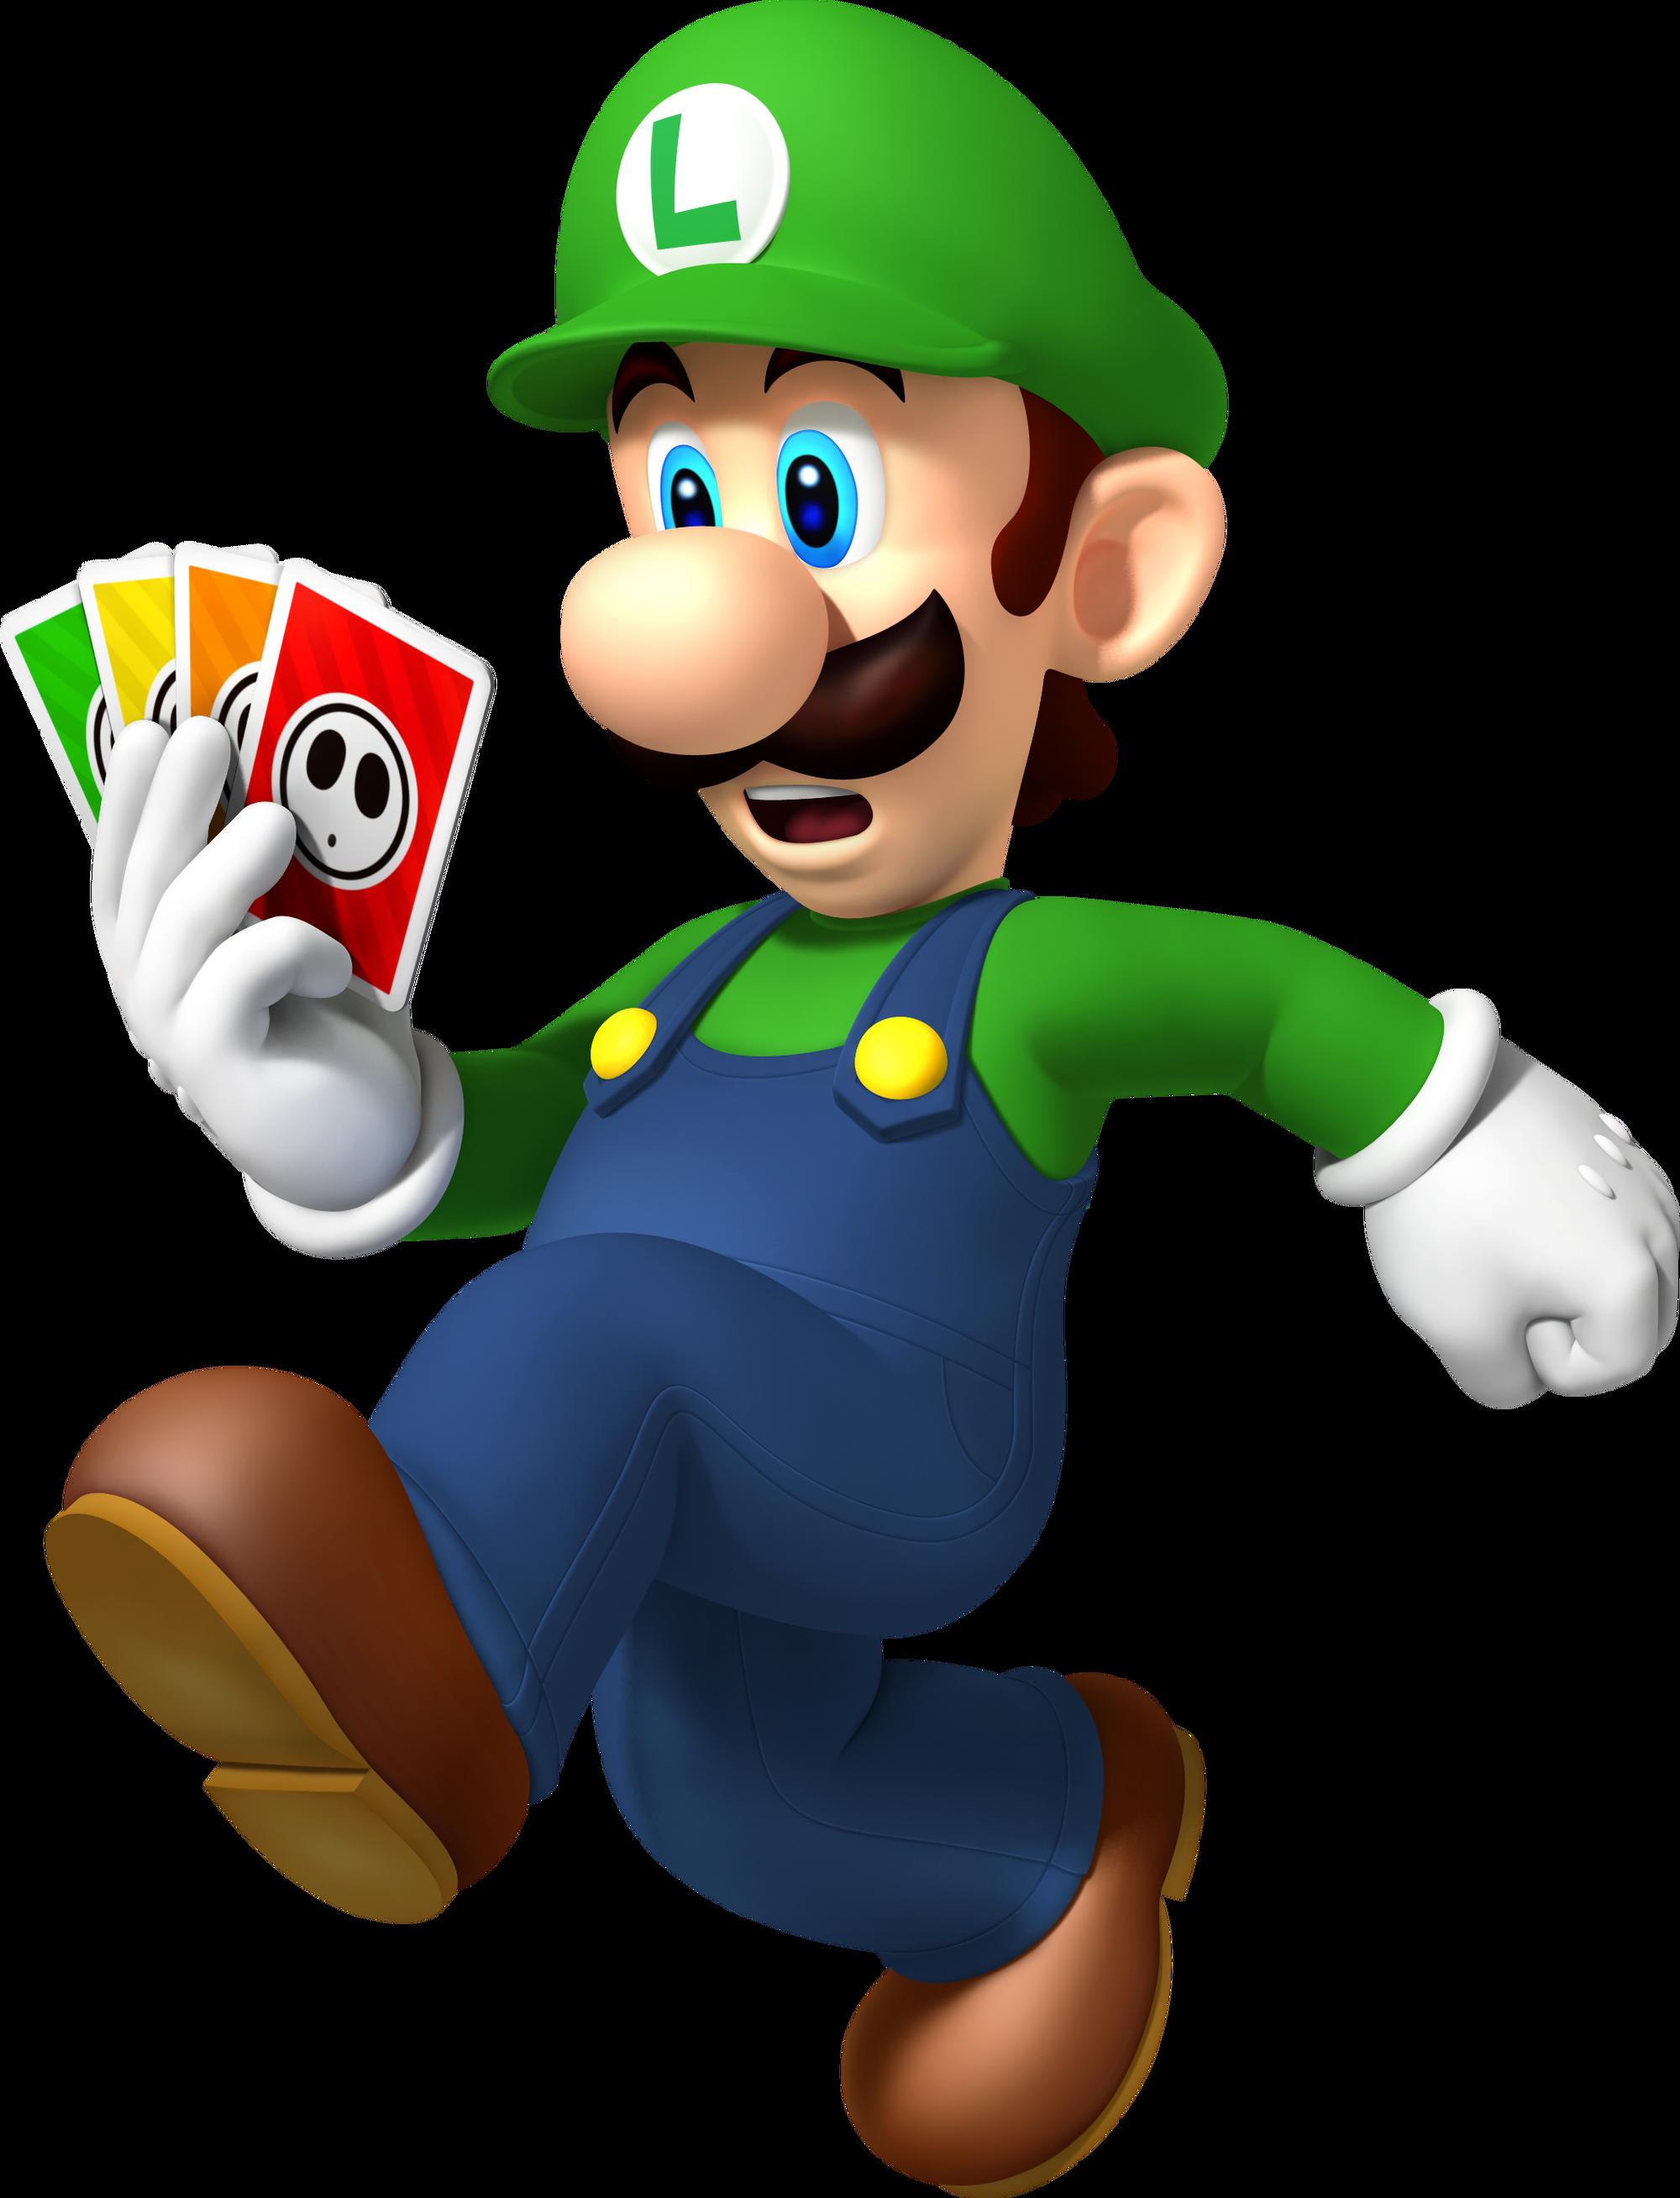 Mario party wonder world fantendo nintendo fanon wiki - Luigi mario party ...